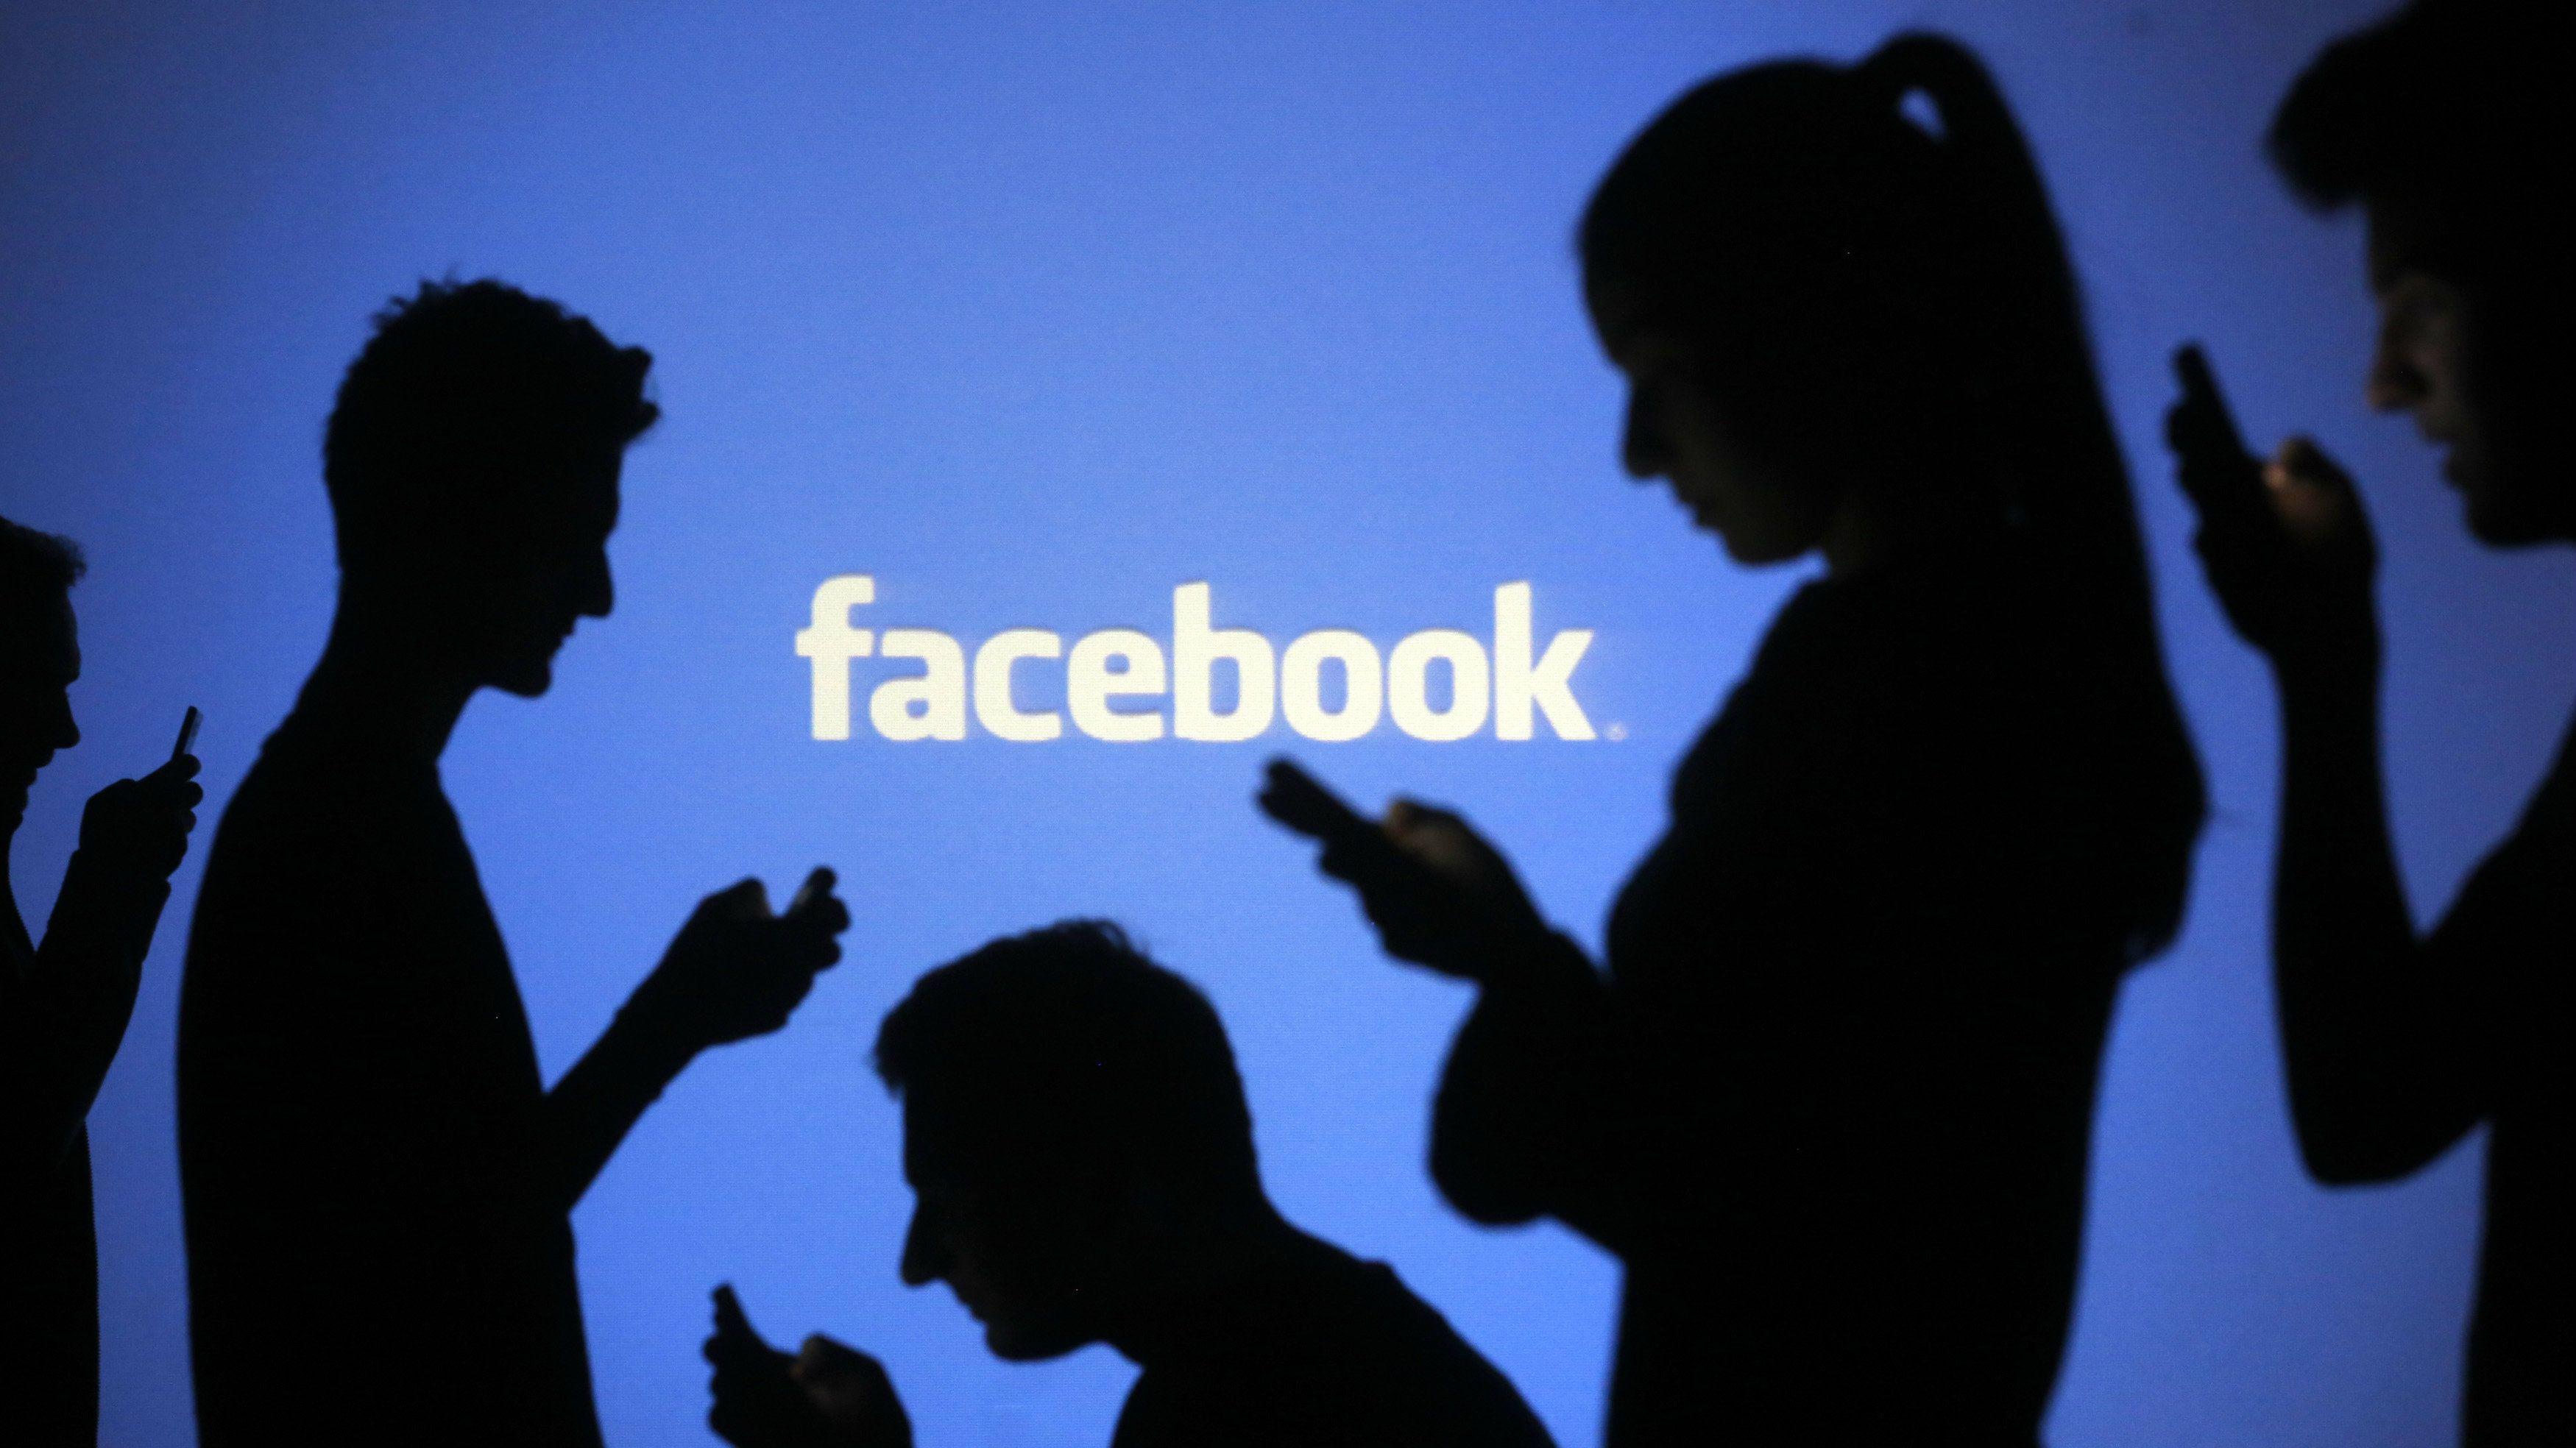 Страница факультета в Facebook — Факультет «Компьютерные и информационные  технологии»